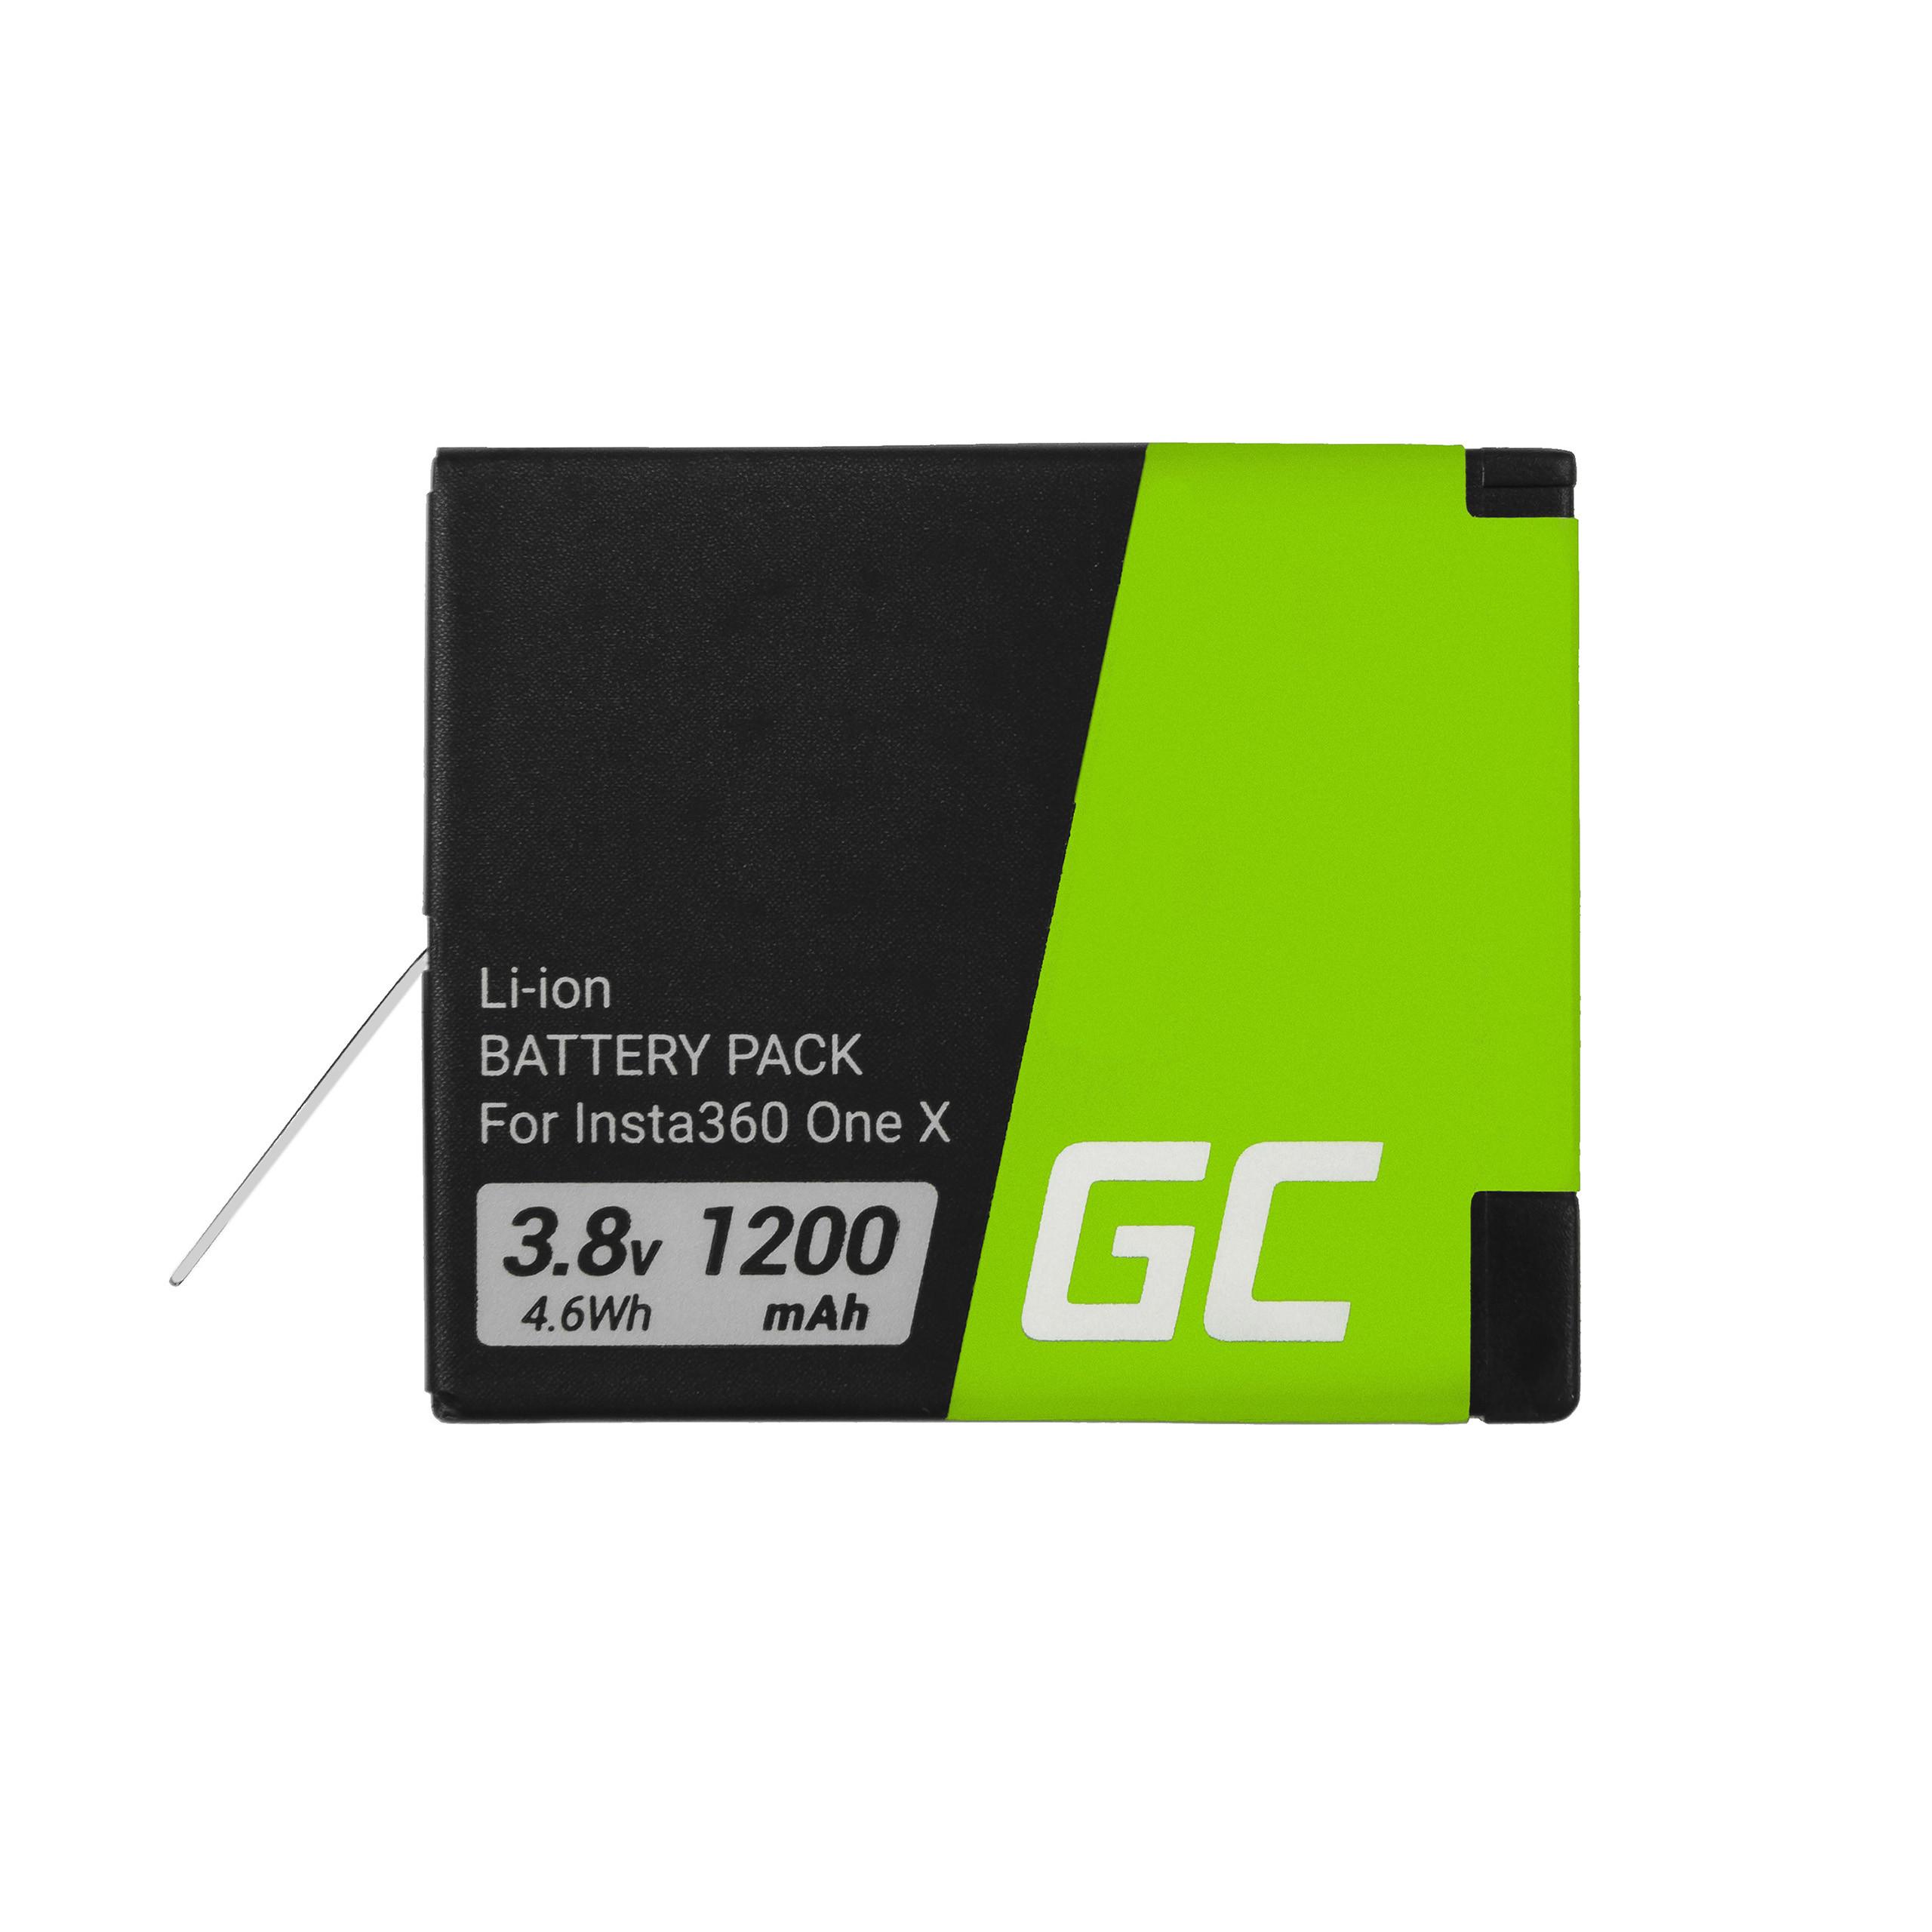 Batteri för Instax INSTA360 ONE X 3.8V 1200mAh